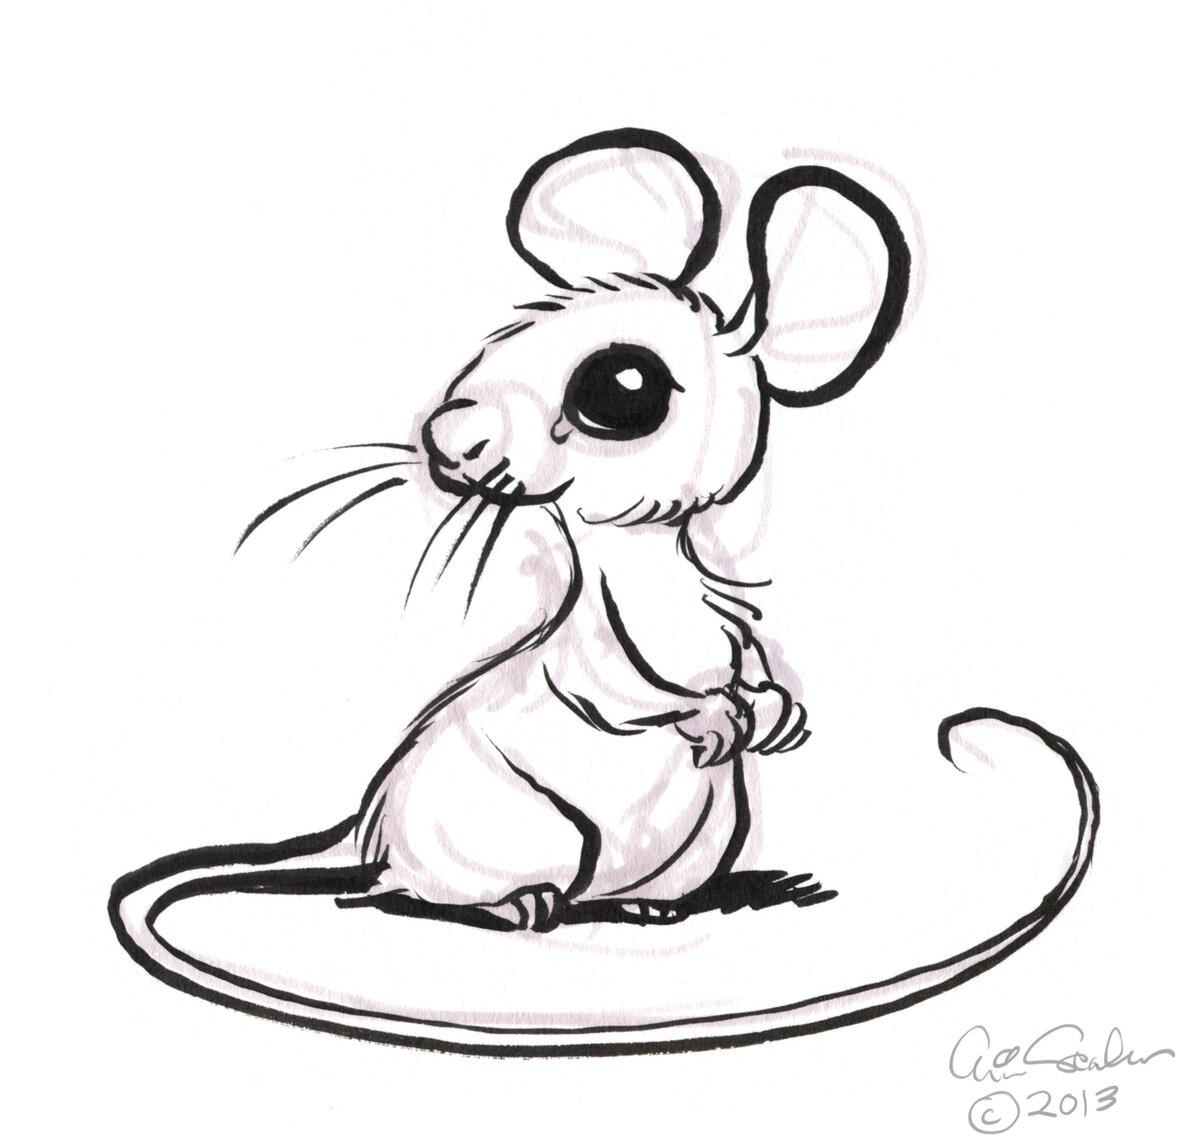 наибольшую картинки с мышью прикольные черно-белые никогда было интересно